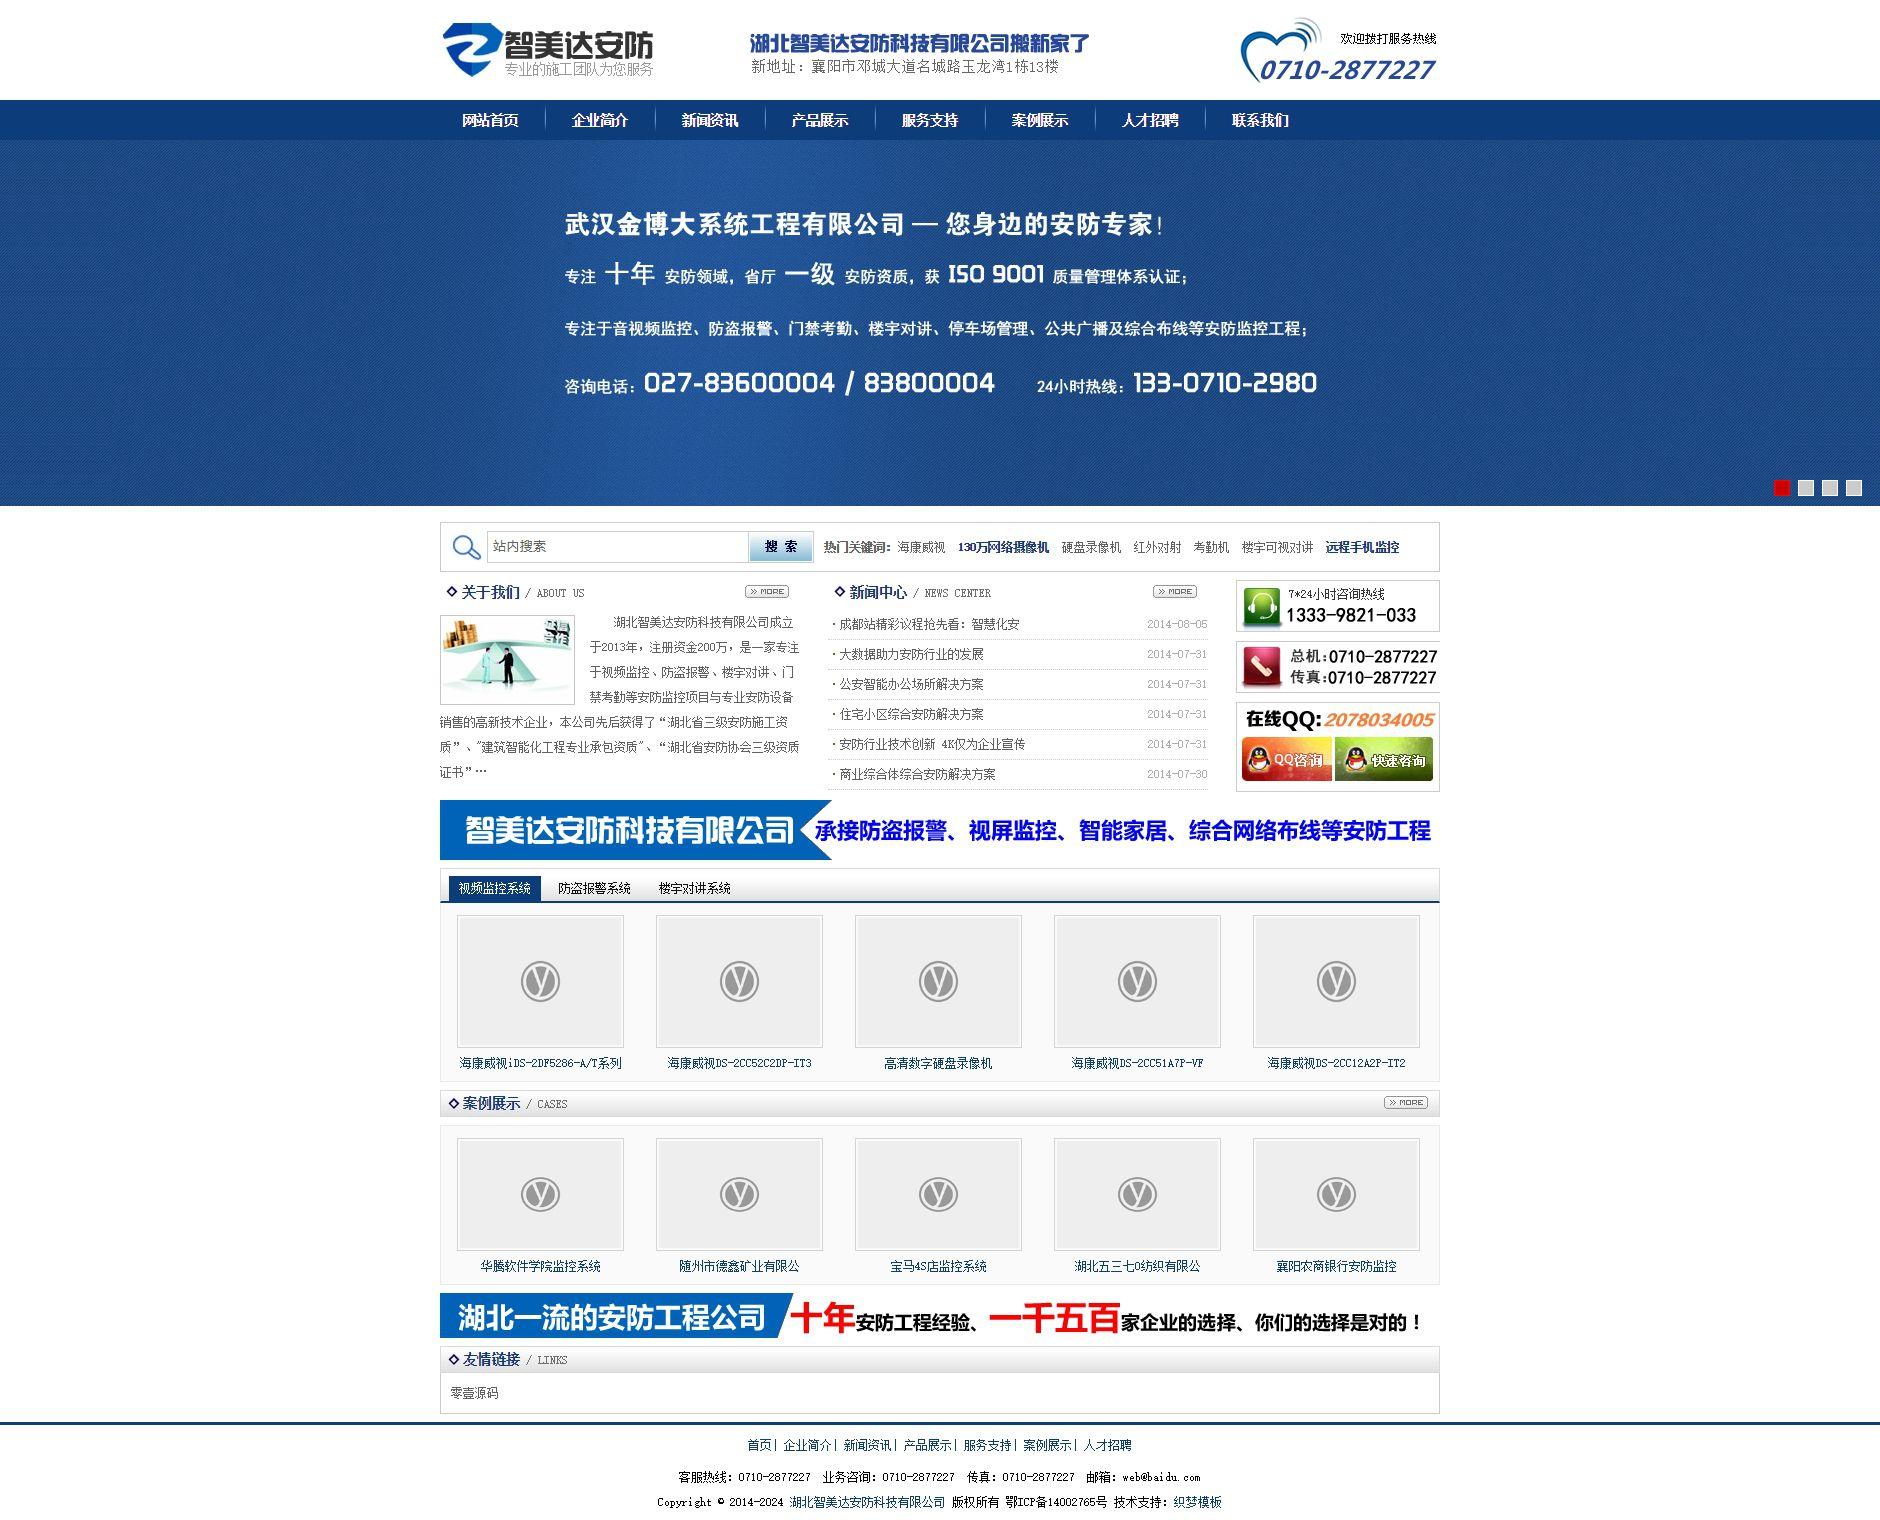 织梦dedecms监控安防电子设备网站公司PHP整站模板